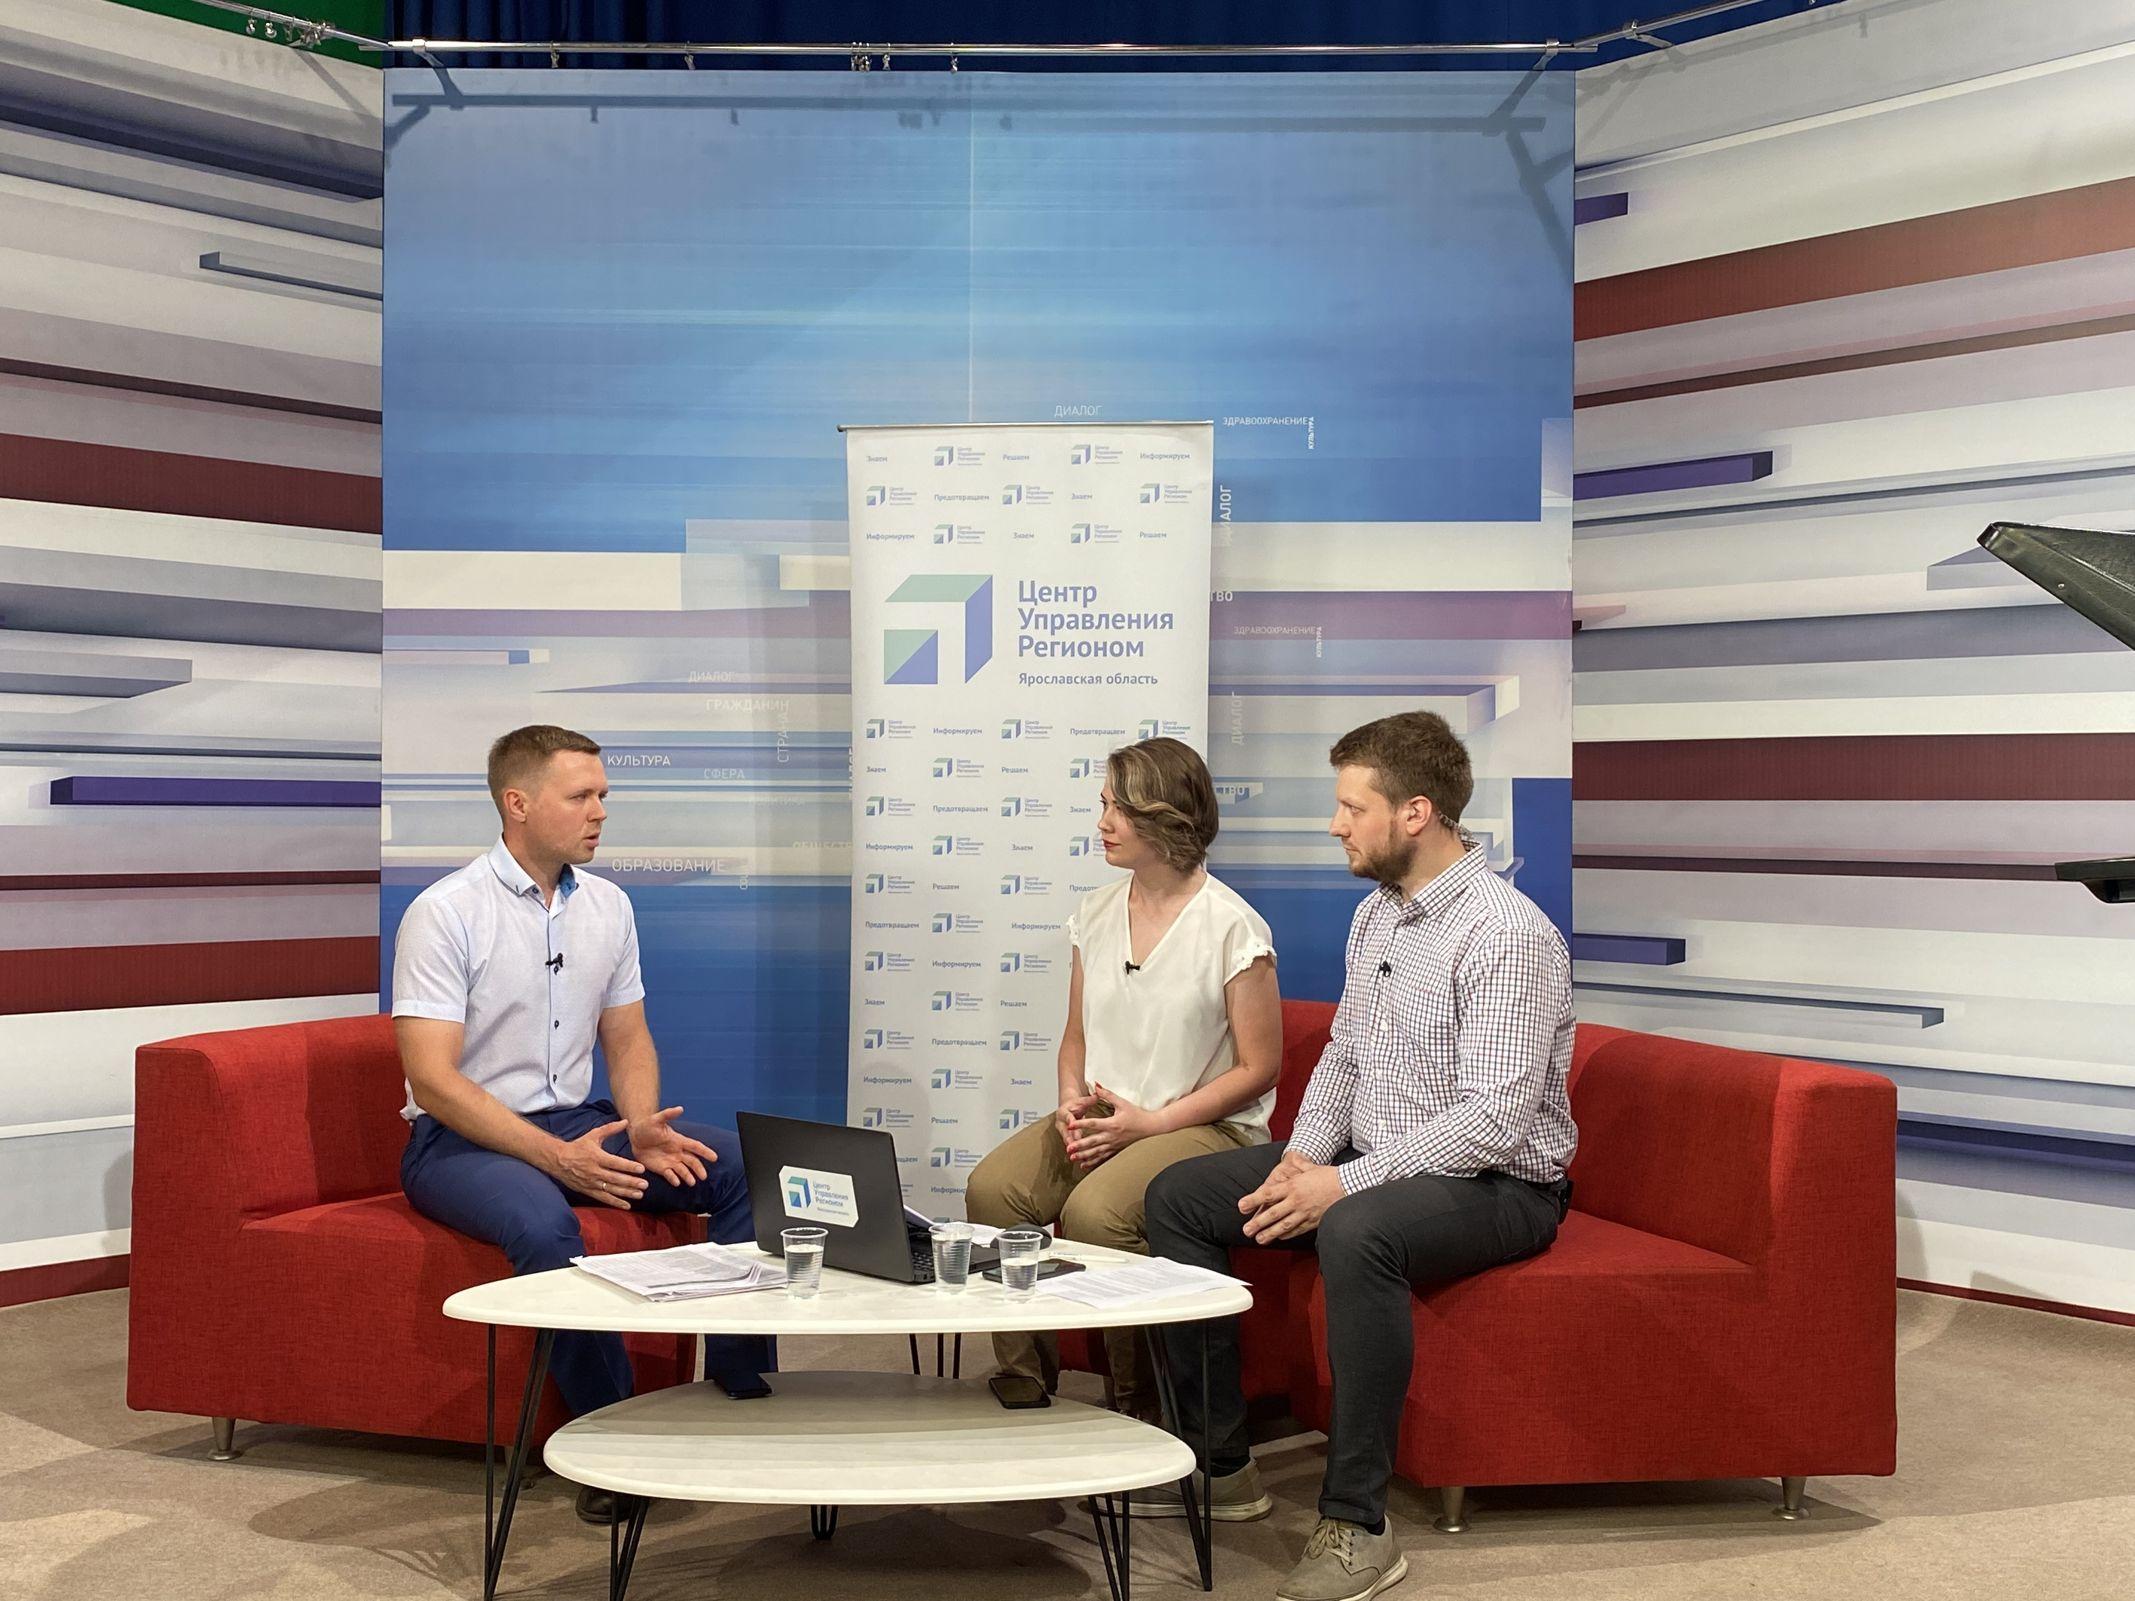 Представитель мэрии Ярославля рассказал, зачем нужна смена номеров маршрутов, подорожает ли проезд и нужно ли менять проездные